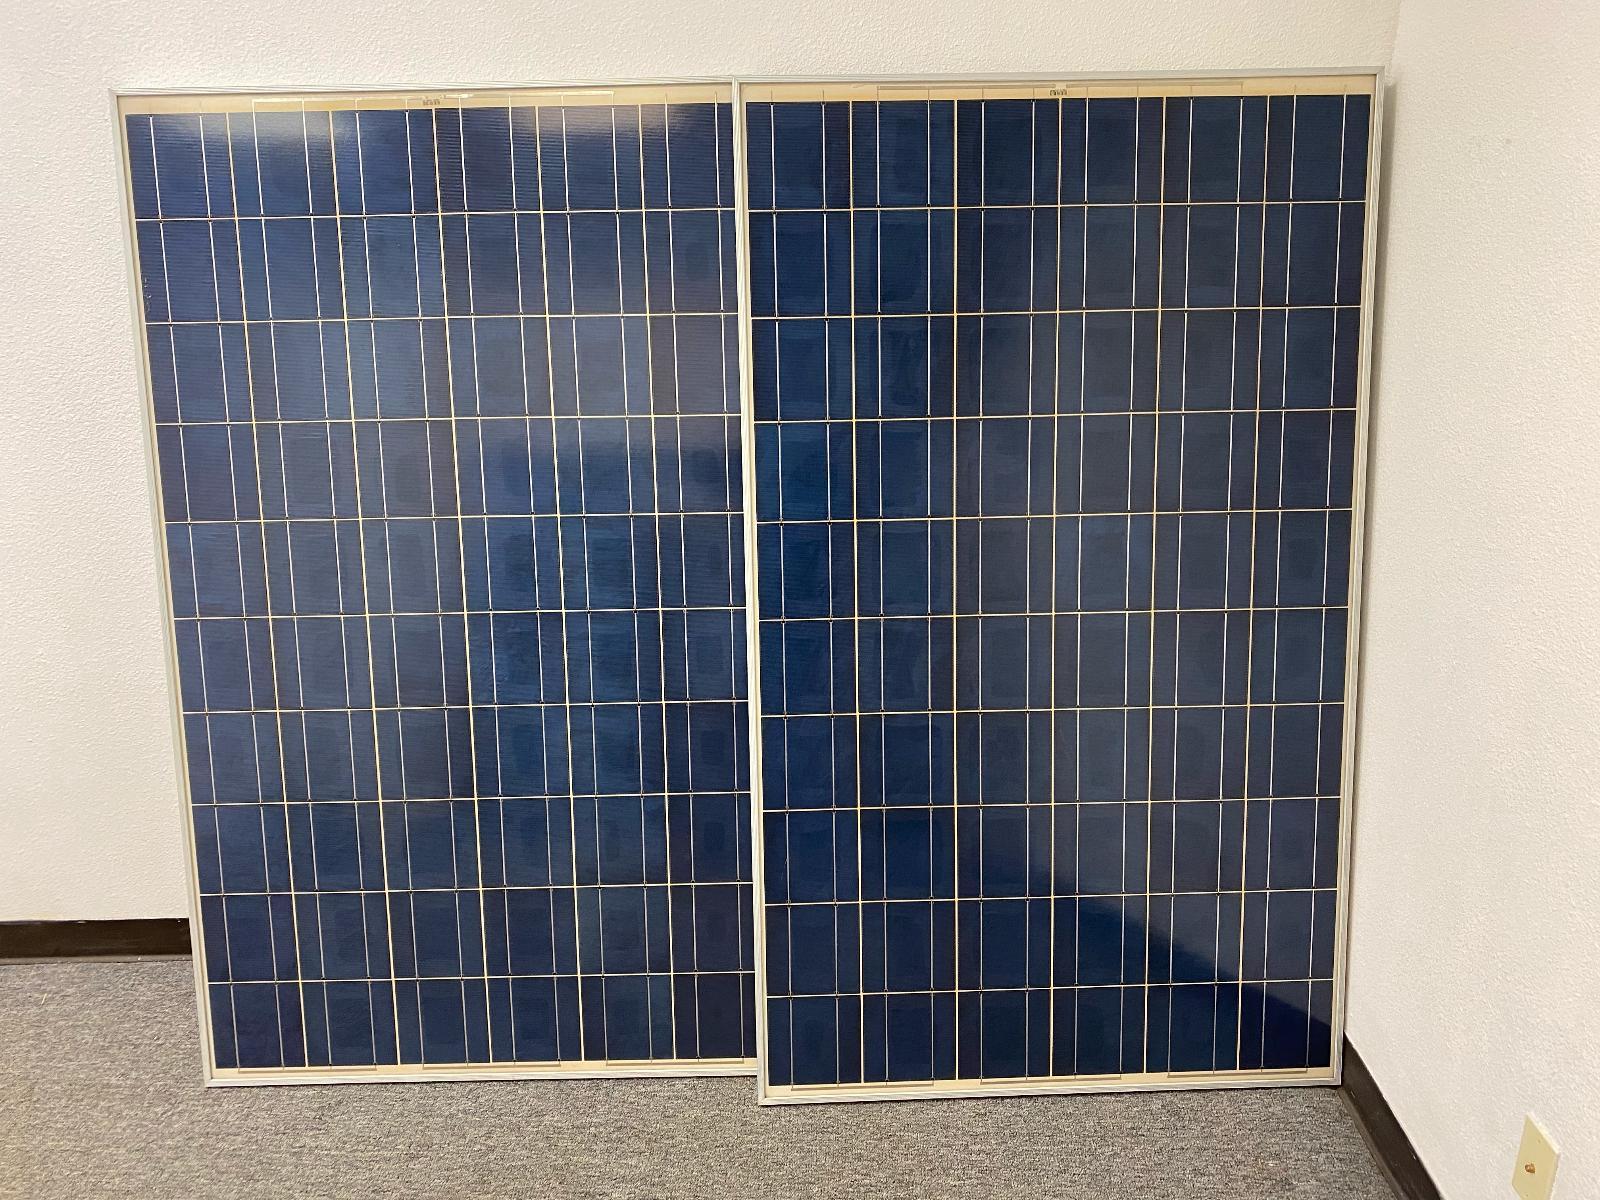 Yingli 230W Panels - Used (200 Modules)